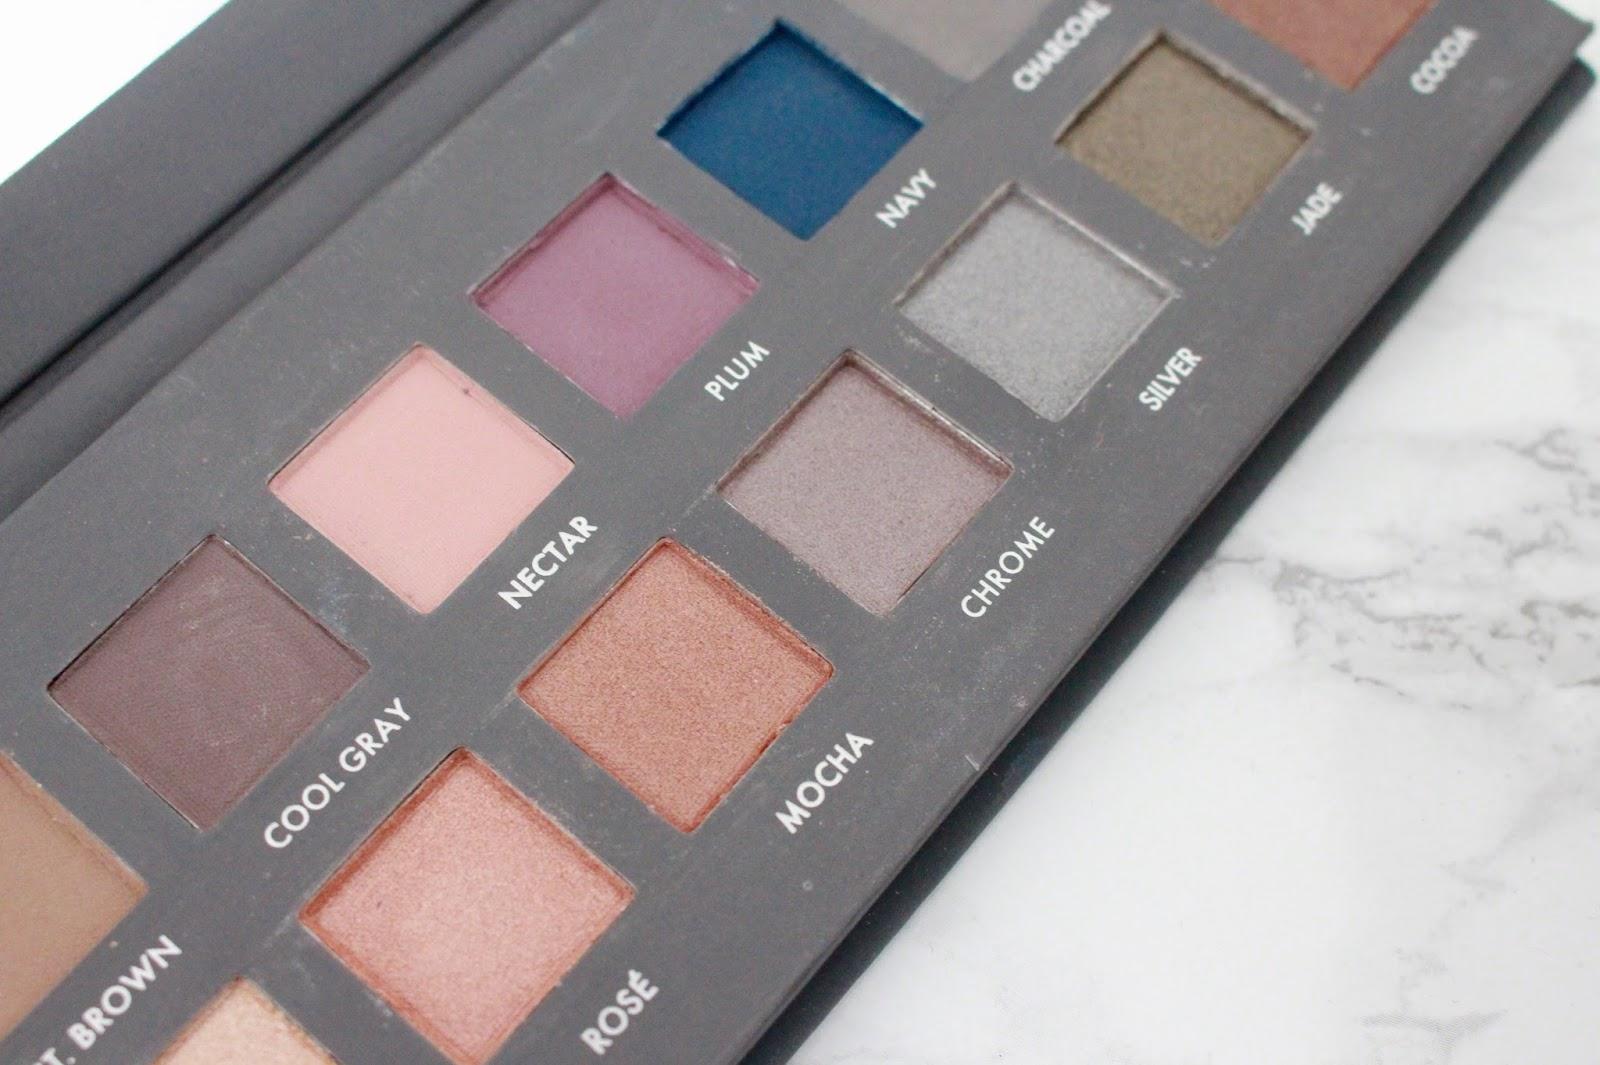 Lorac Pro Palette 2 Dupe Review